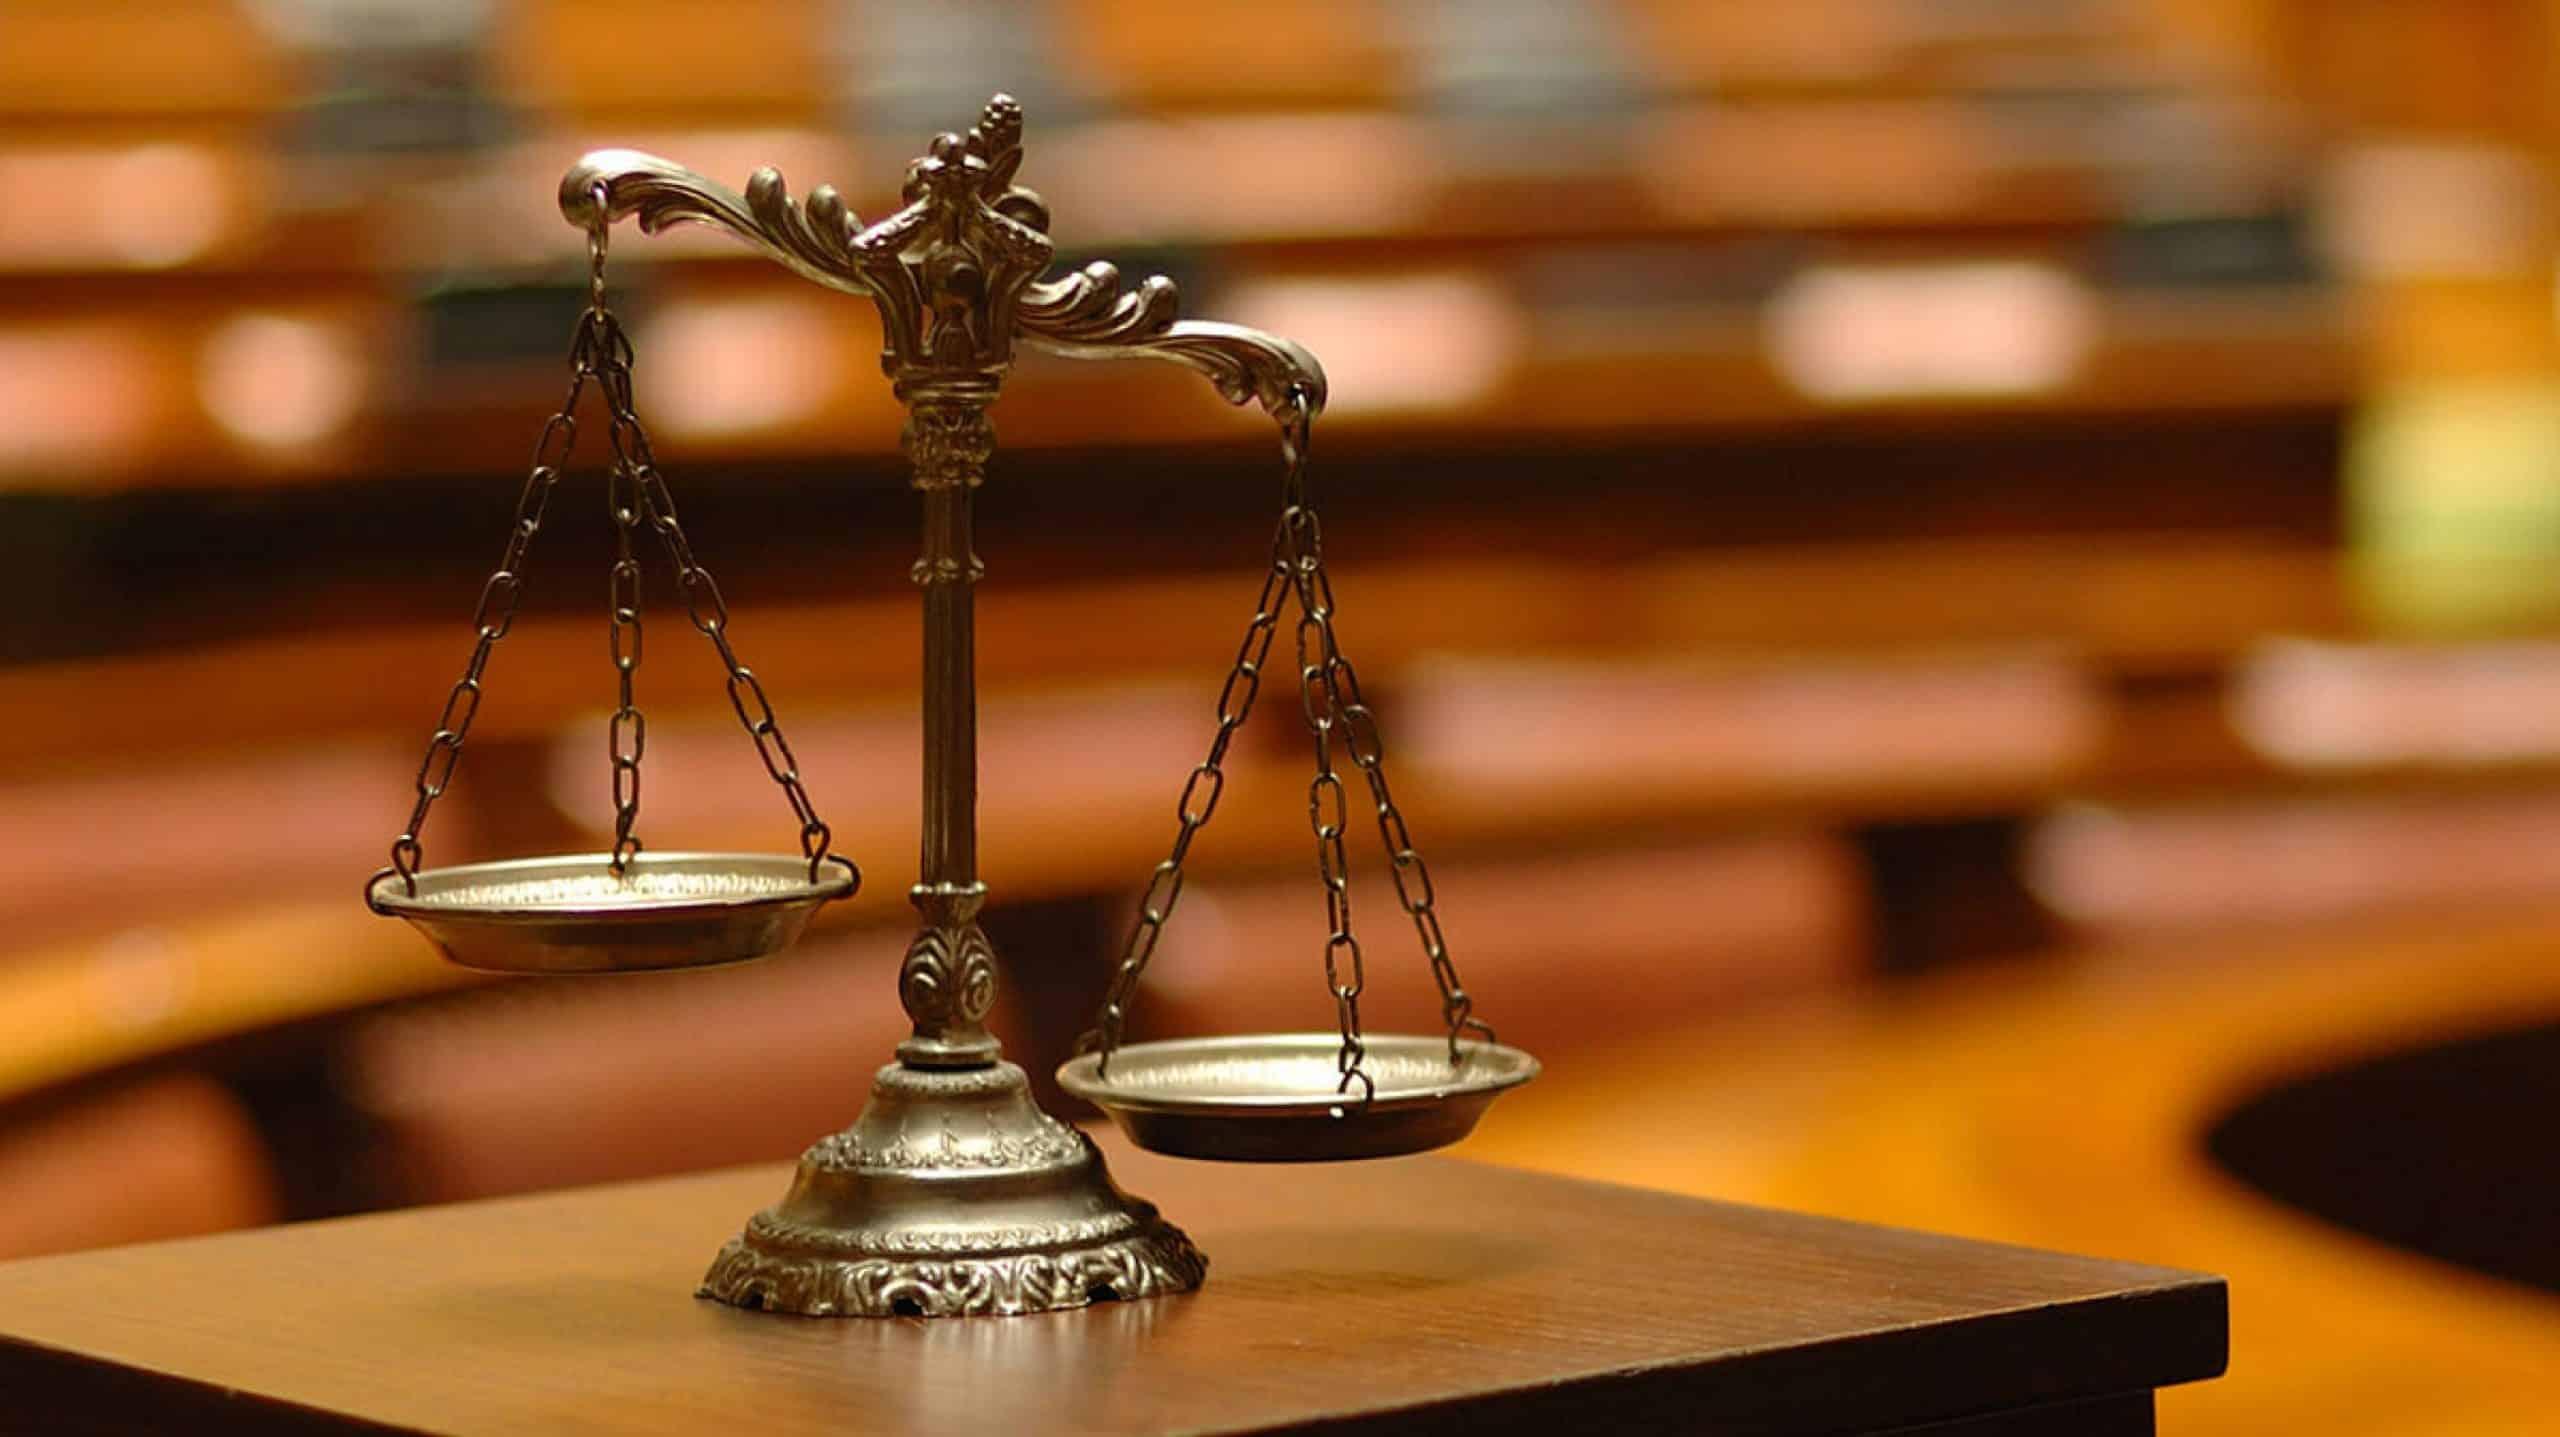 פסילת שופט - מתי?